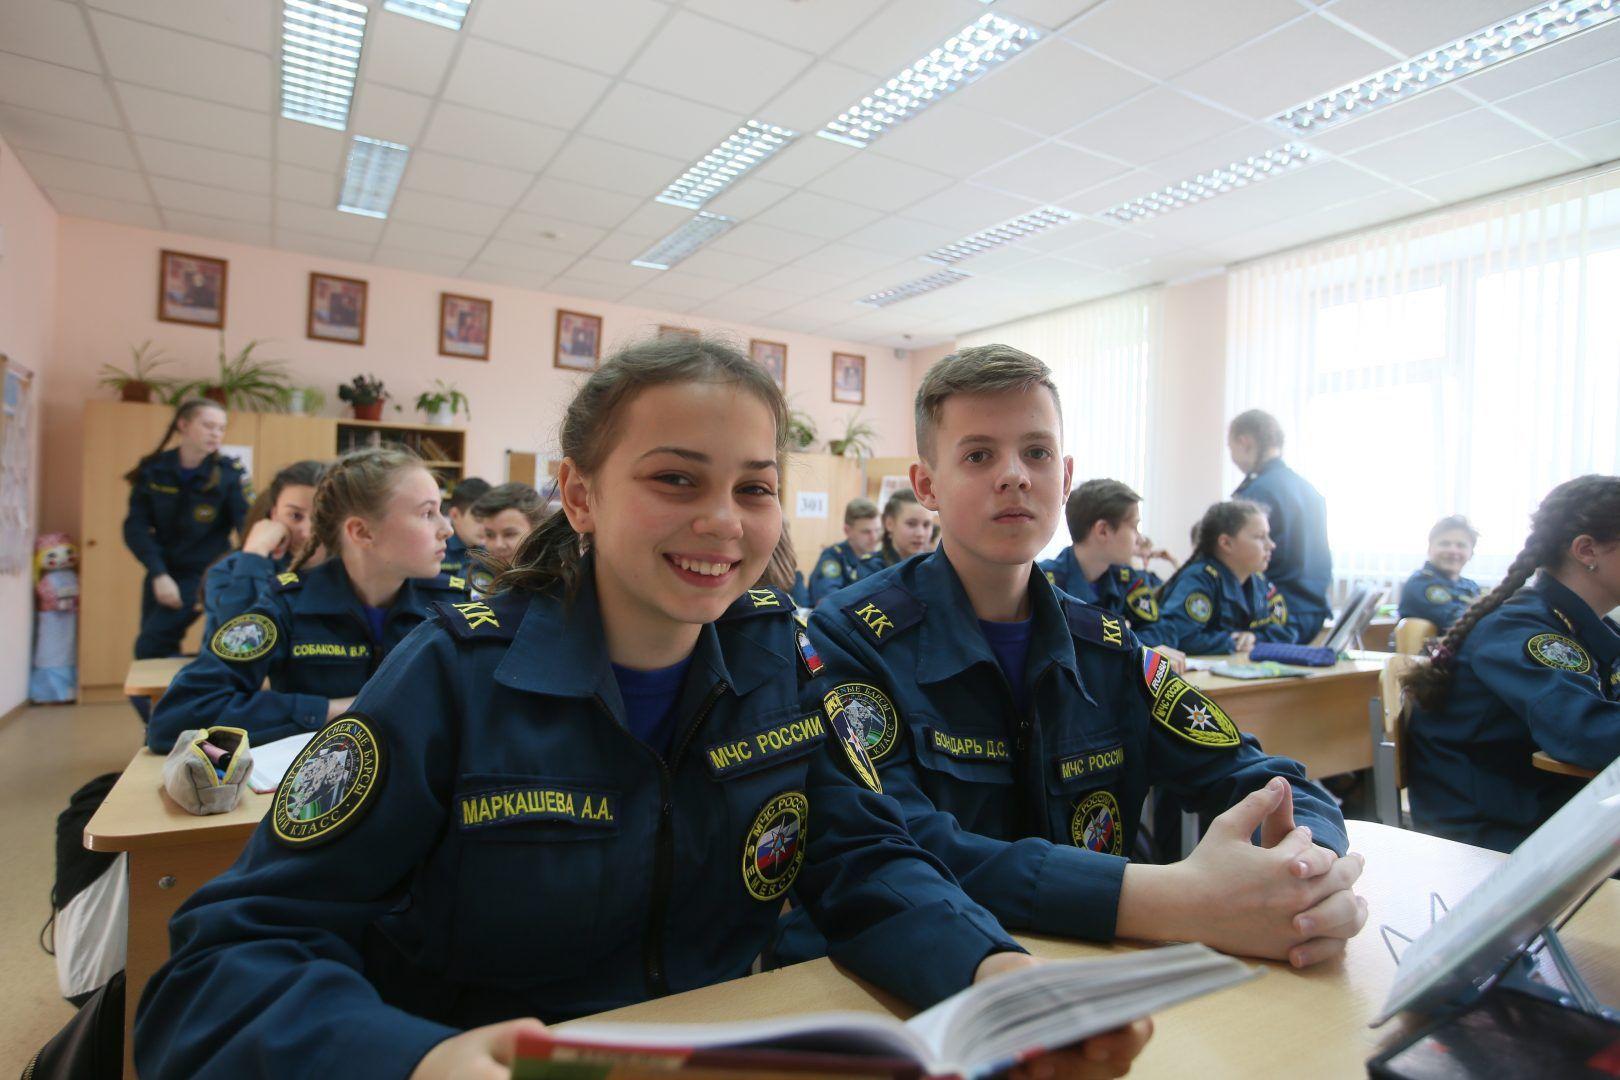 Настя Маркашева и Дима Бондарь на уроке. Фото: Виктор Смольянинов